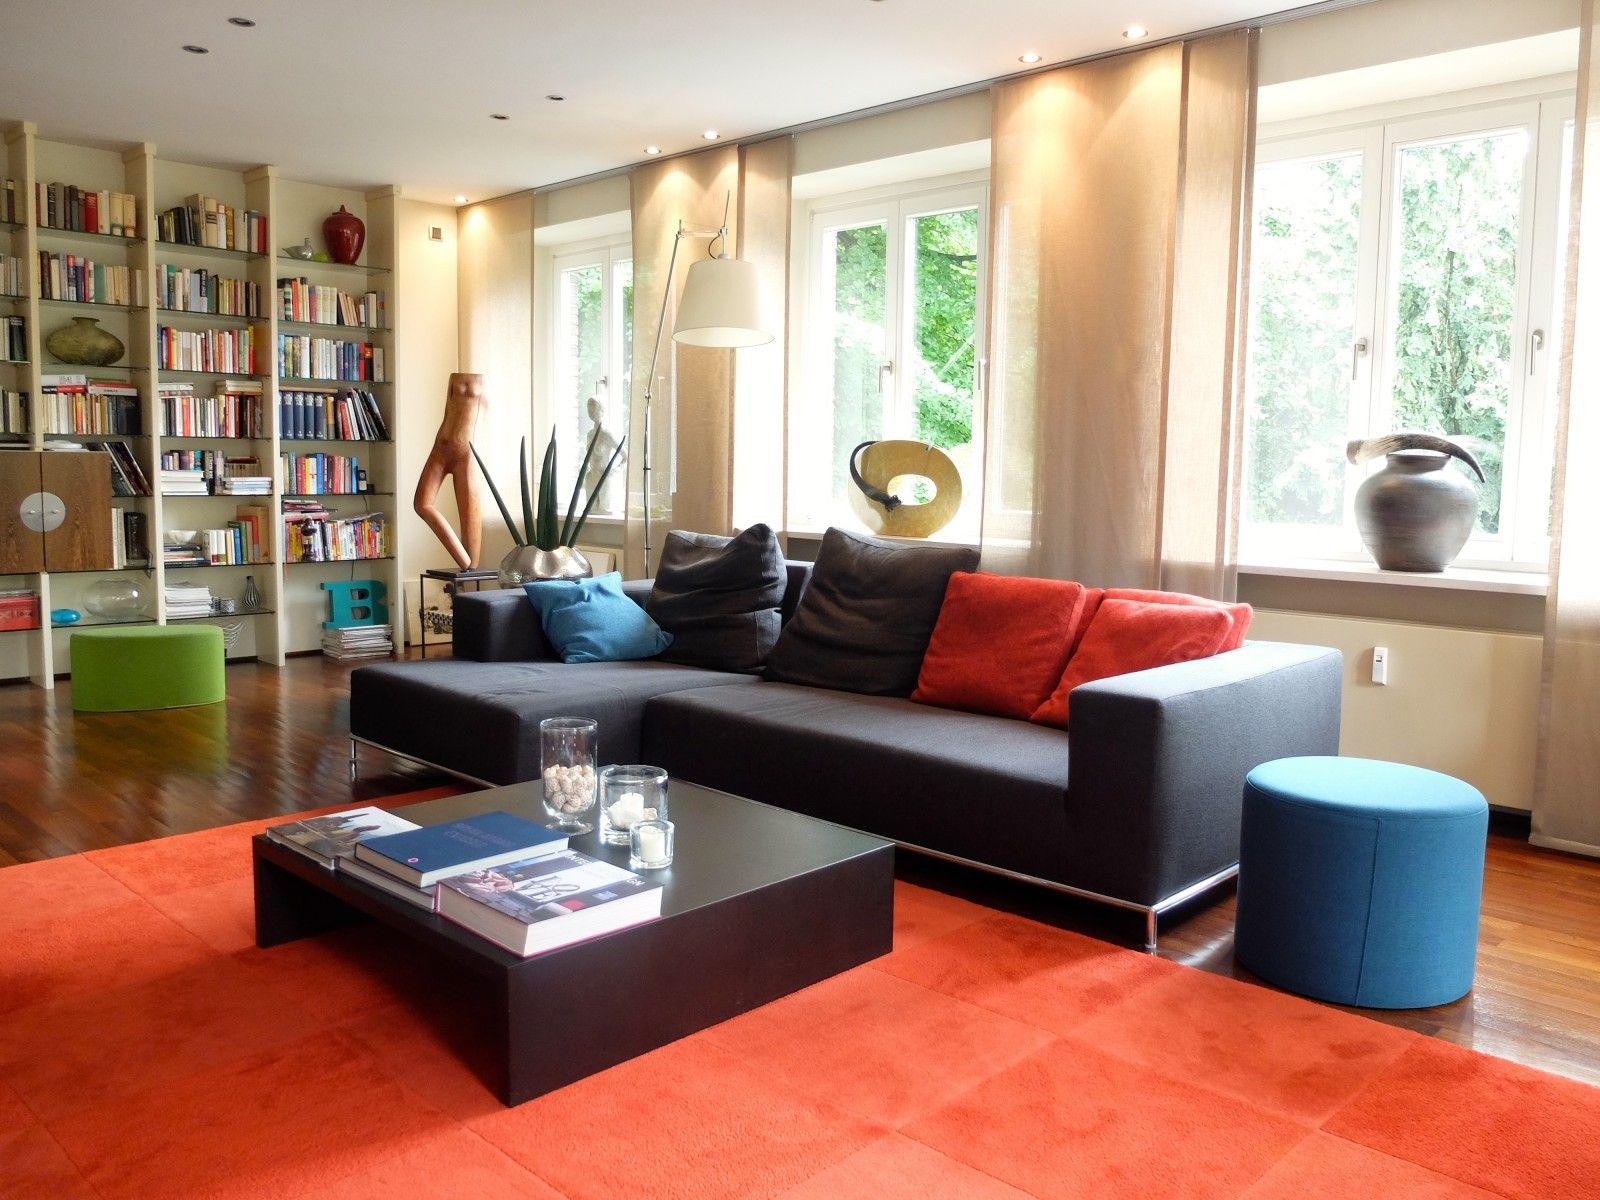 Living Ruhr Zu Besuch Bei Babsi Und Peter Haus Deko Wohnzimmer Wohnzimmer Ideen